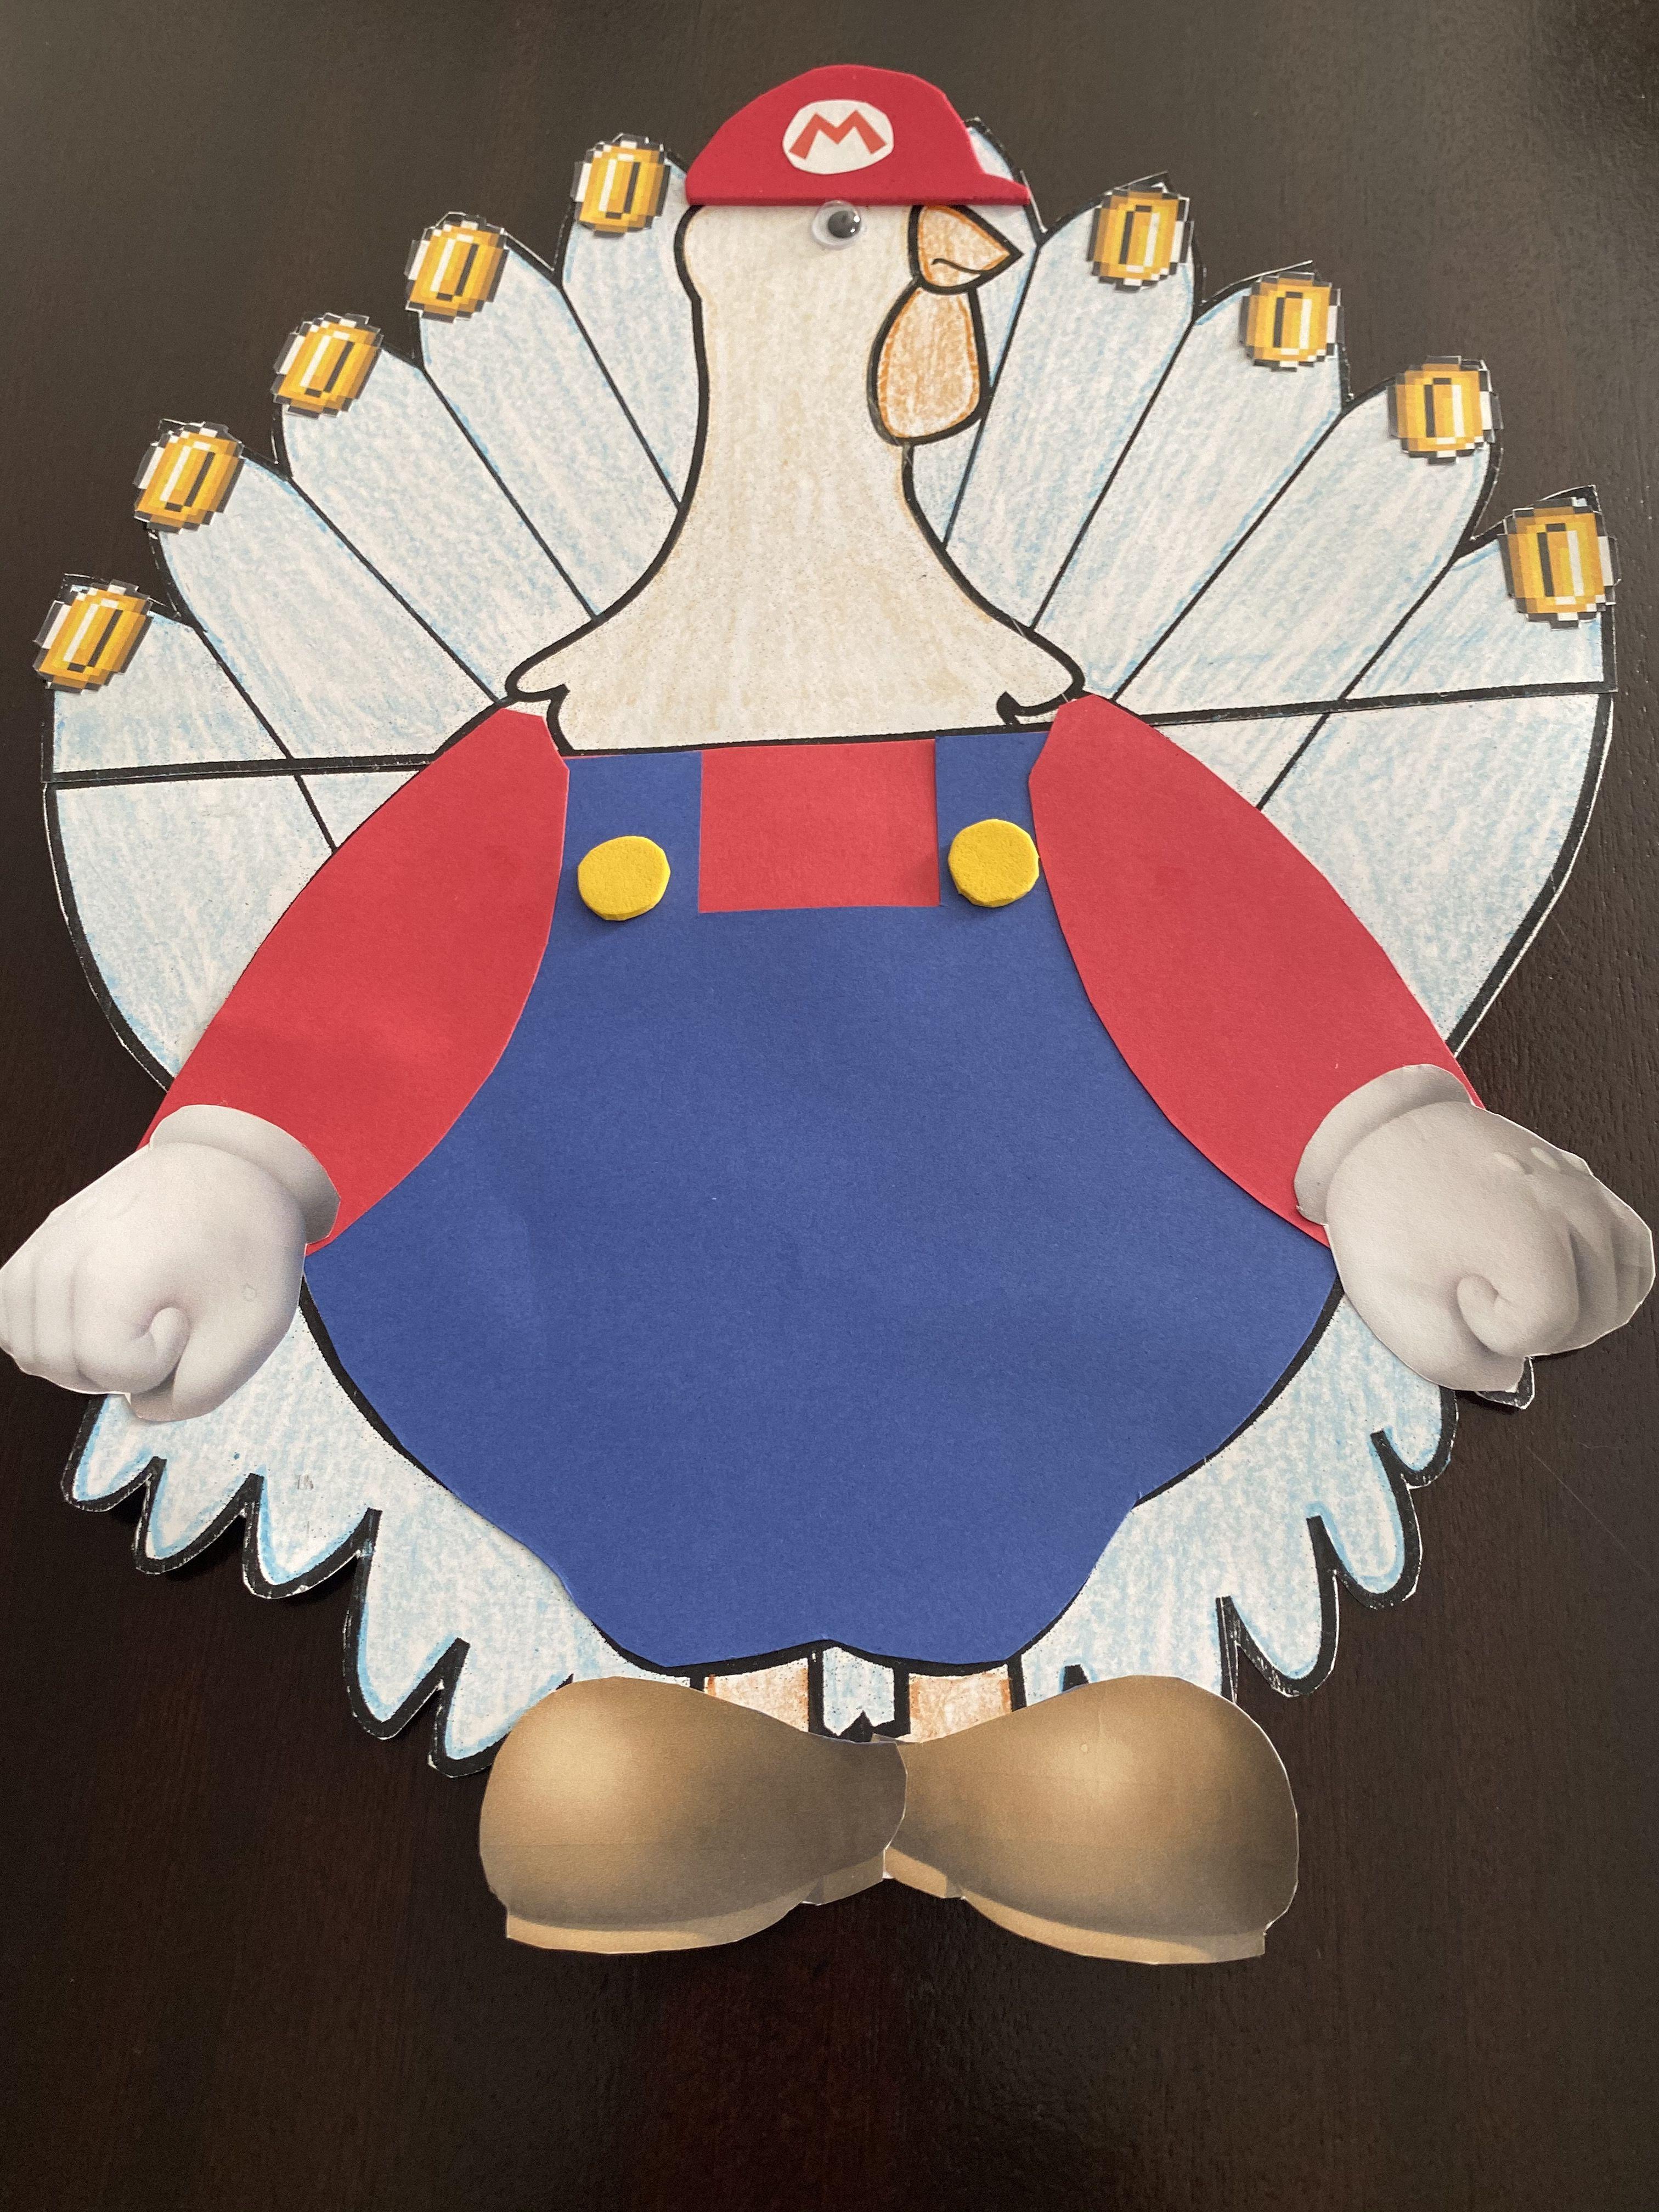 Super Mario Turkey Disguise Turkey Disguise Project Turkey Disguise Turkey Project